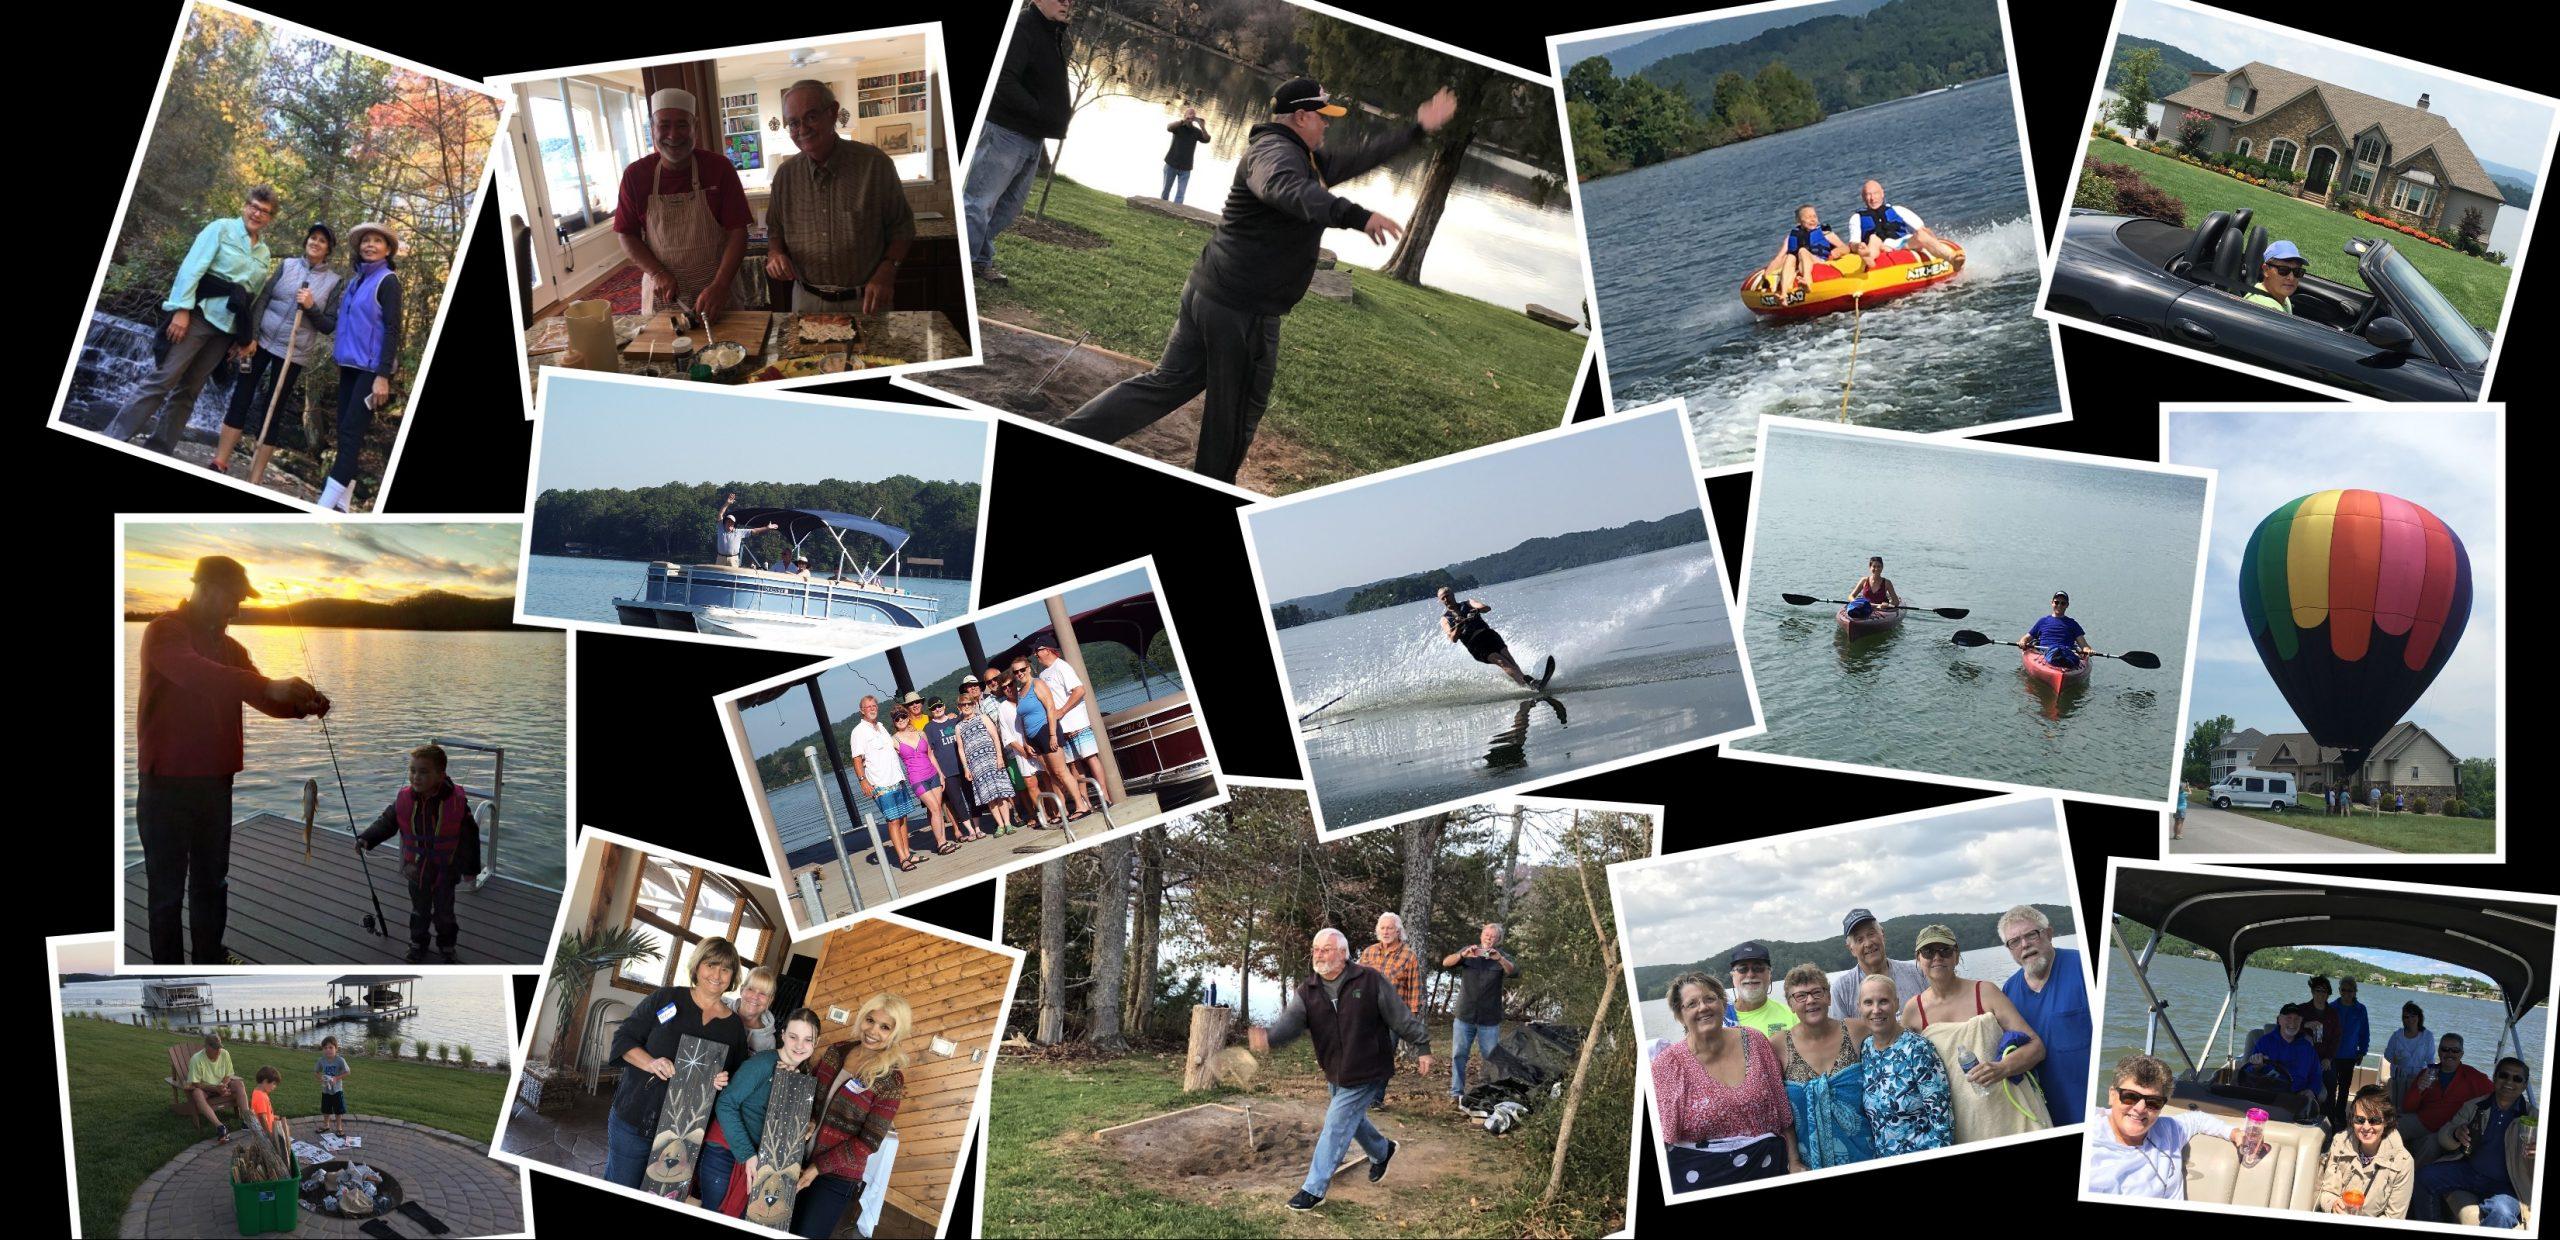 Activities collage at Grande Vista Bay